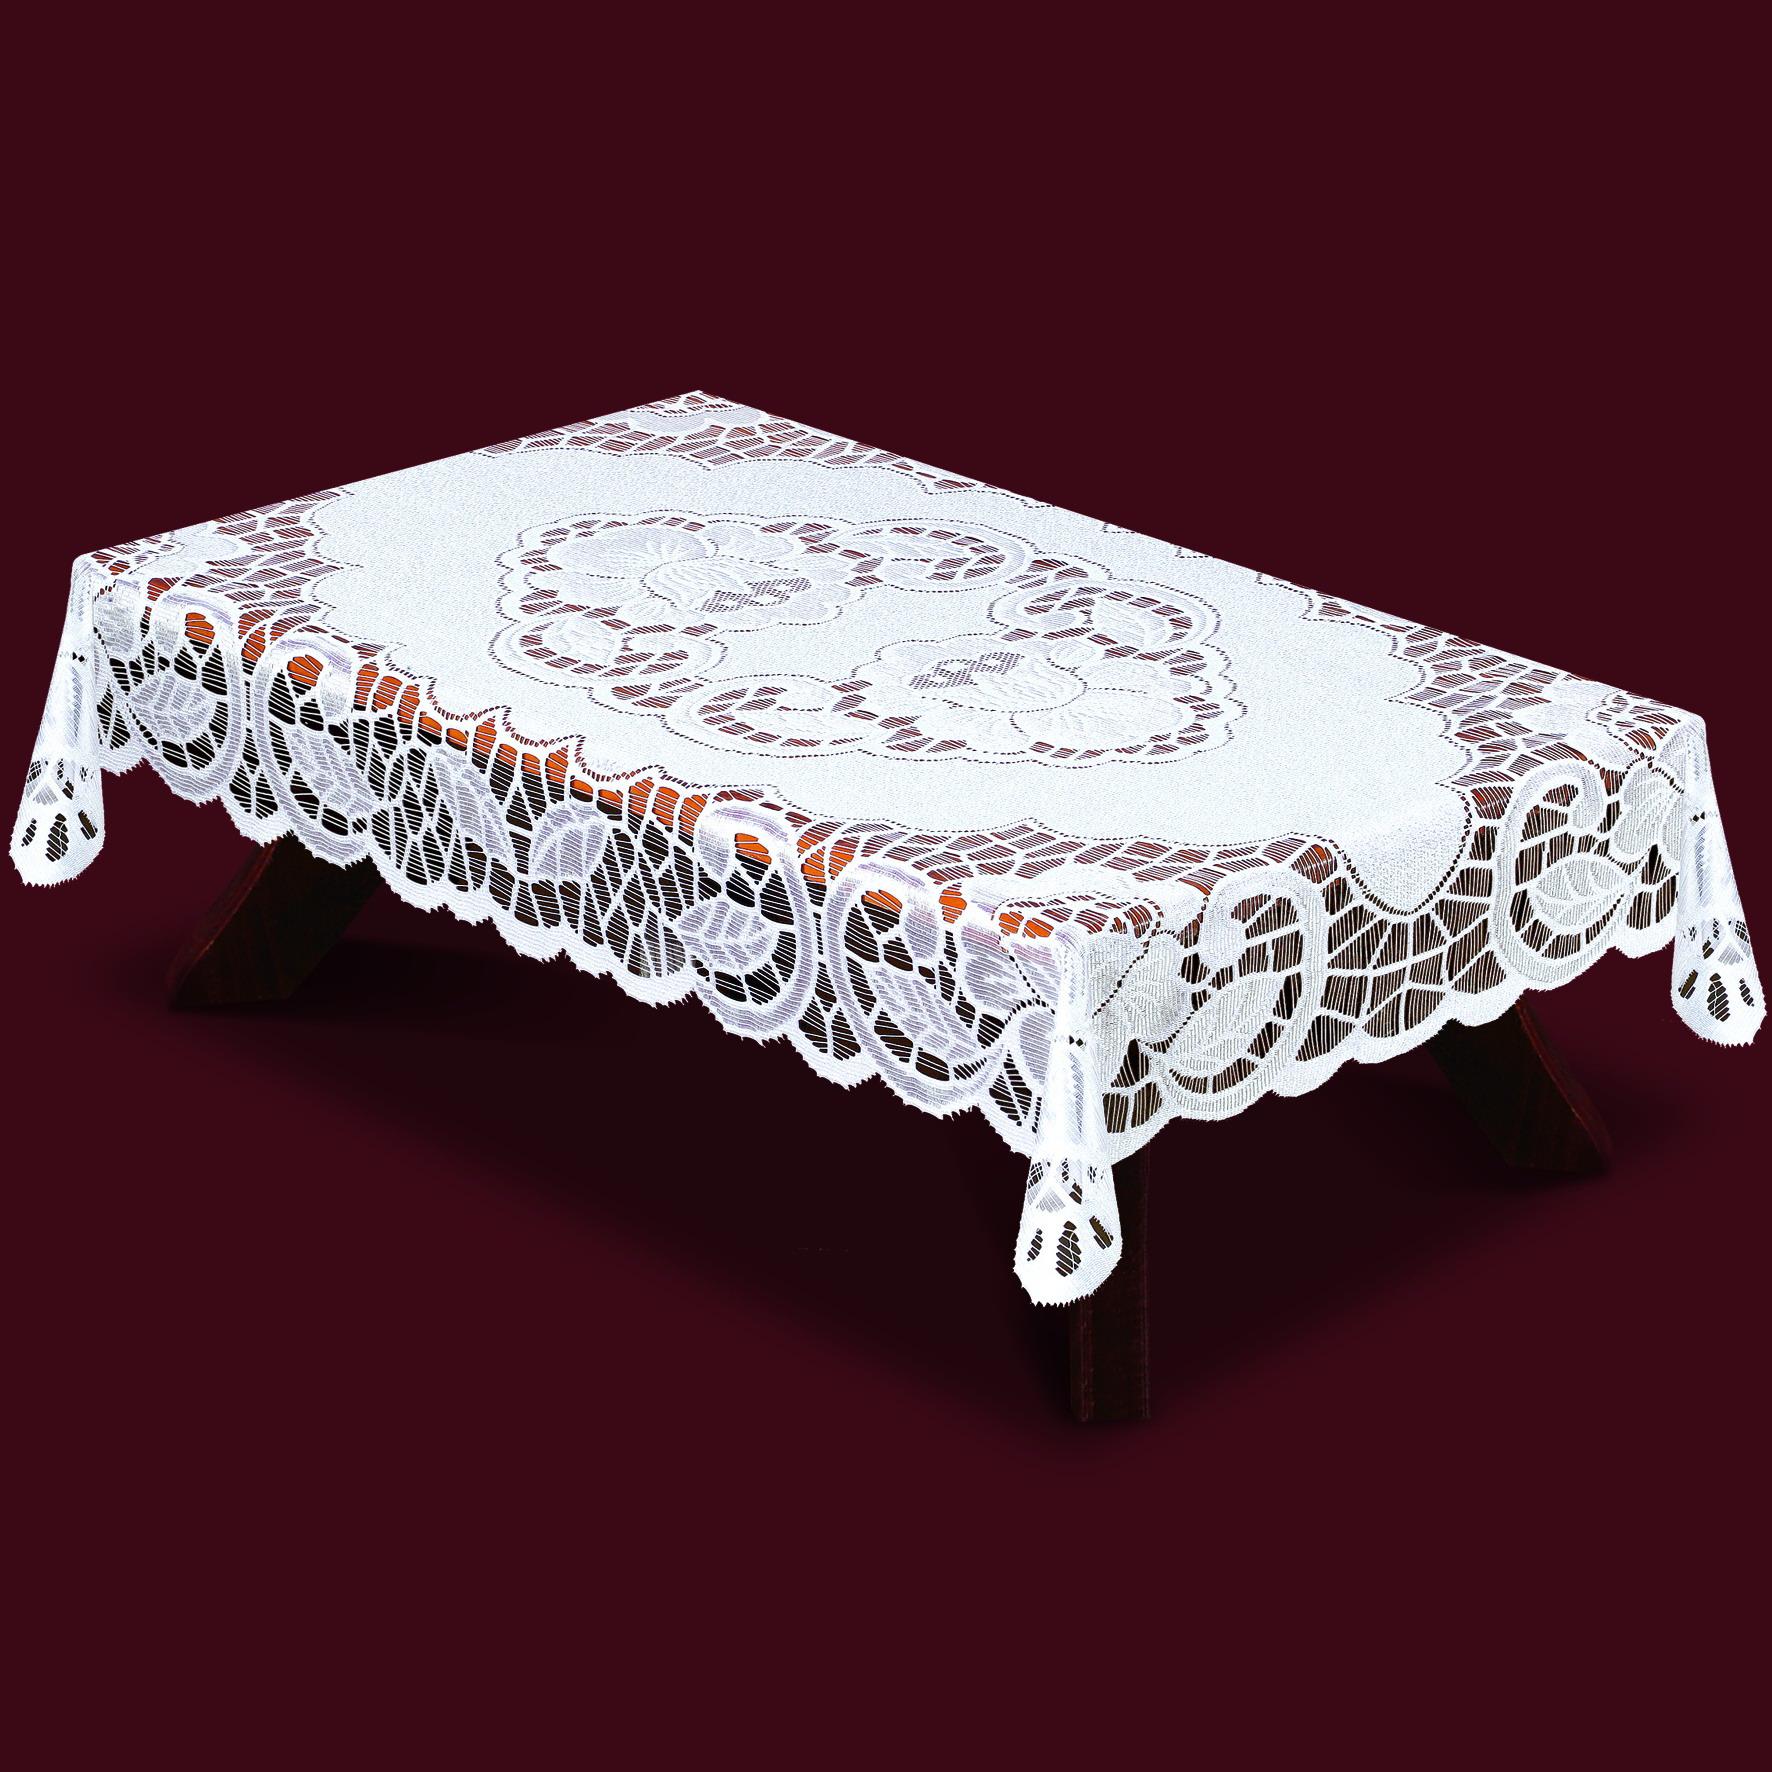 Скатерть Haft Skarb Babuni, прямоугольная, цвет: белый, 120x 160 см. 38850/120VT-1520(SR)Великолепная прямоугольная скатерть Haft Skarb Babuni, выполненная из 100% полиэстера, органично впишется в интерьер любого помещения, а оригинальный дизайн удовлетворит даже самый изысканный вкус. Скатерть изготовлена из сетчатого материала с ажурным орнаментом по краям и по центру. Скатерть Haft Skarb Babuni создаст праздничное настроение и станет прекрасным дополнением интерьера гостиной, кухни или столовой.